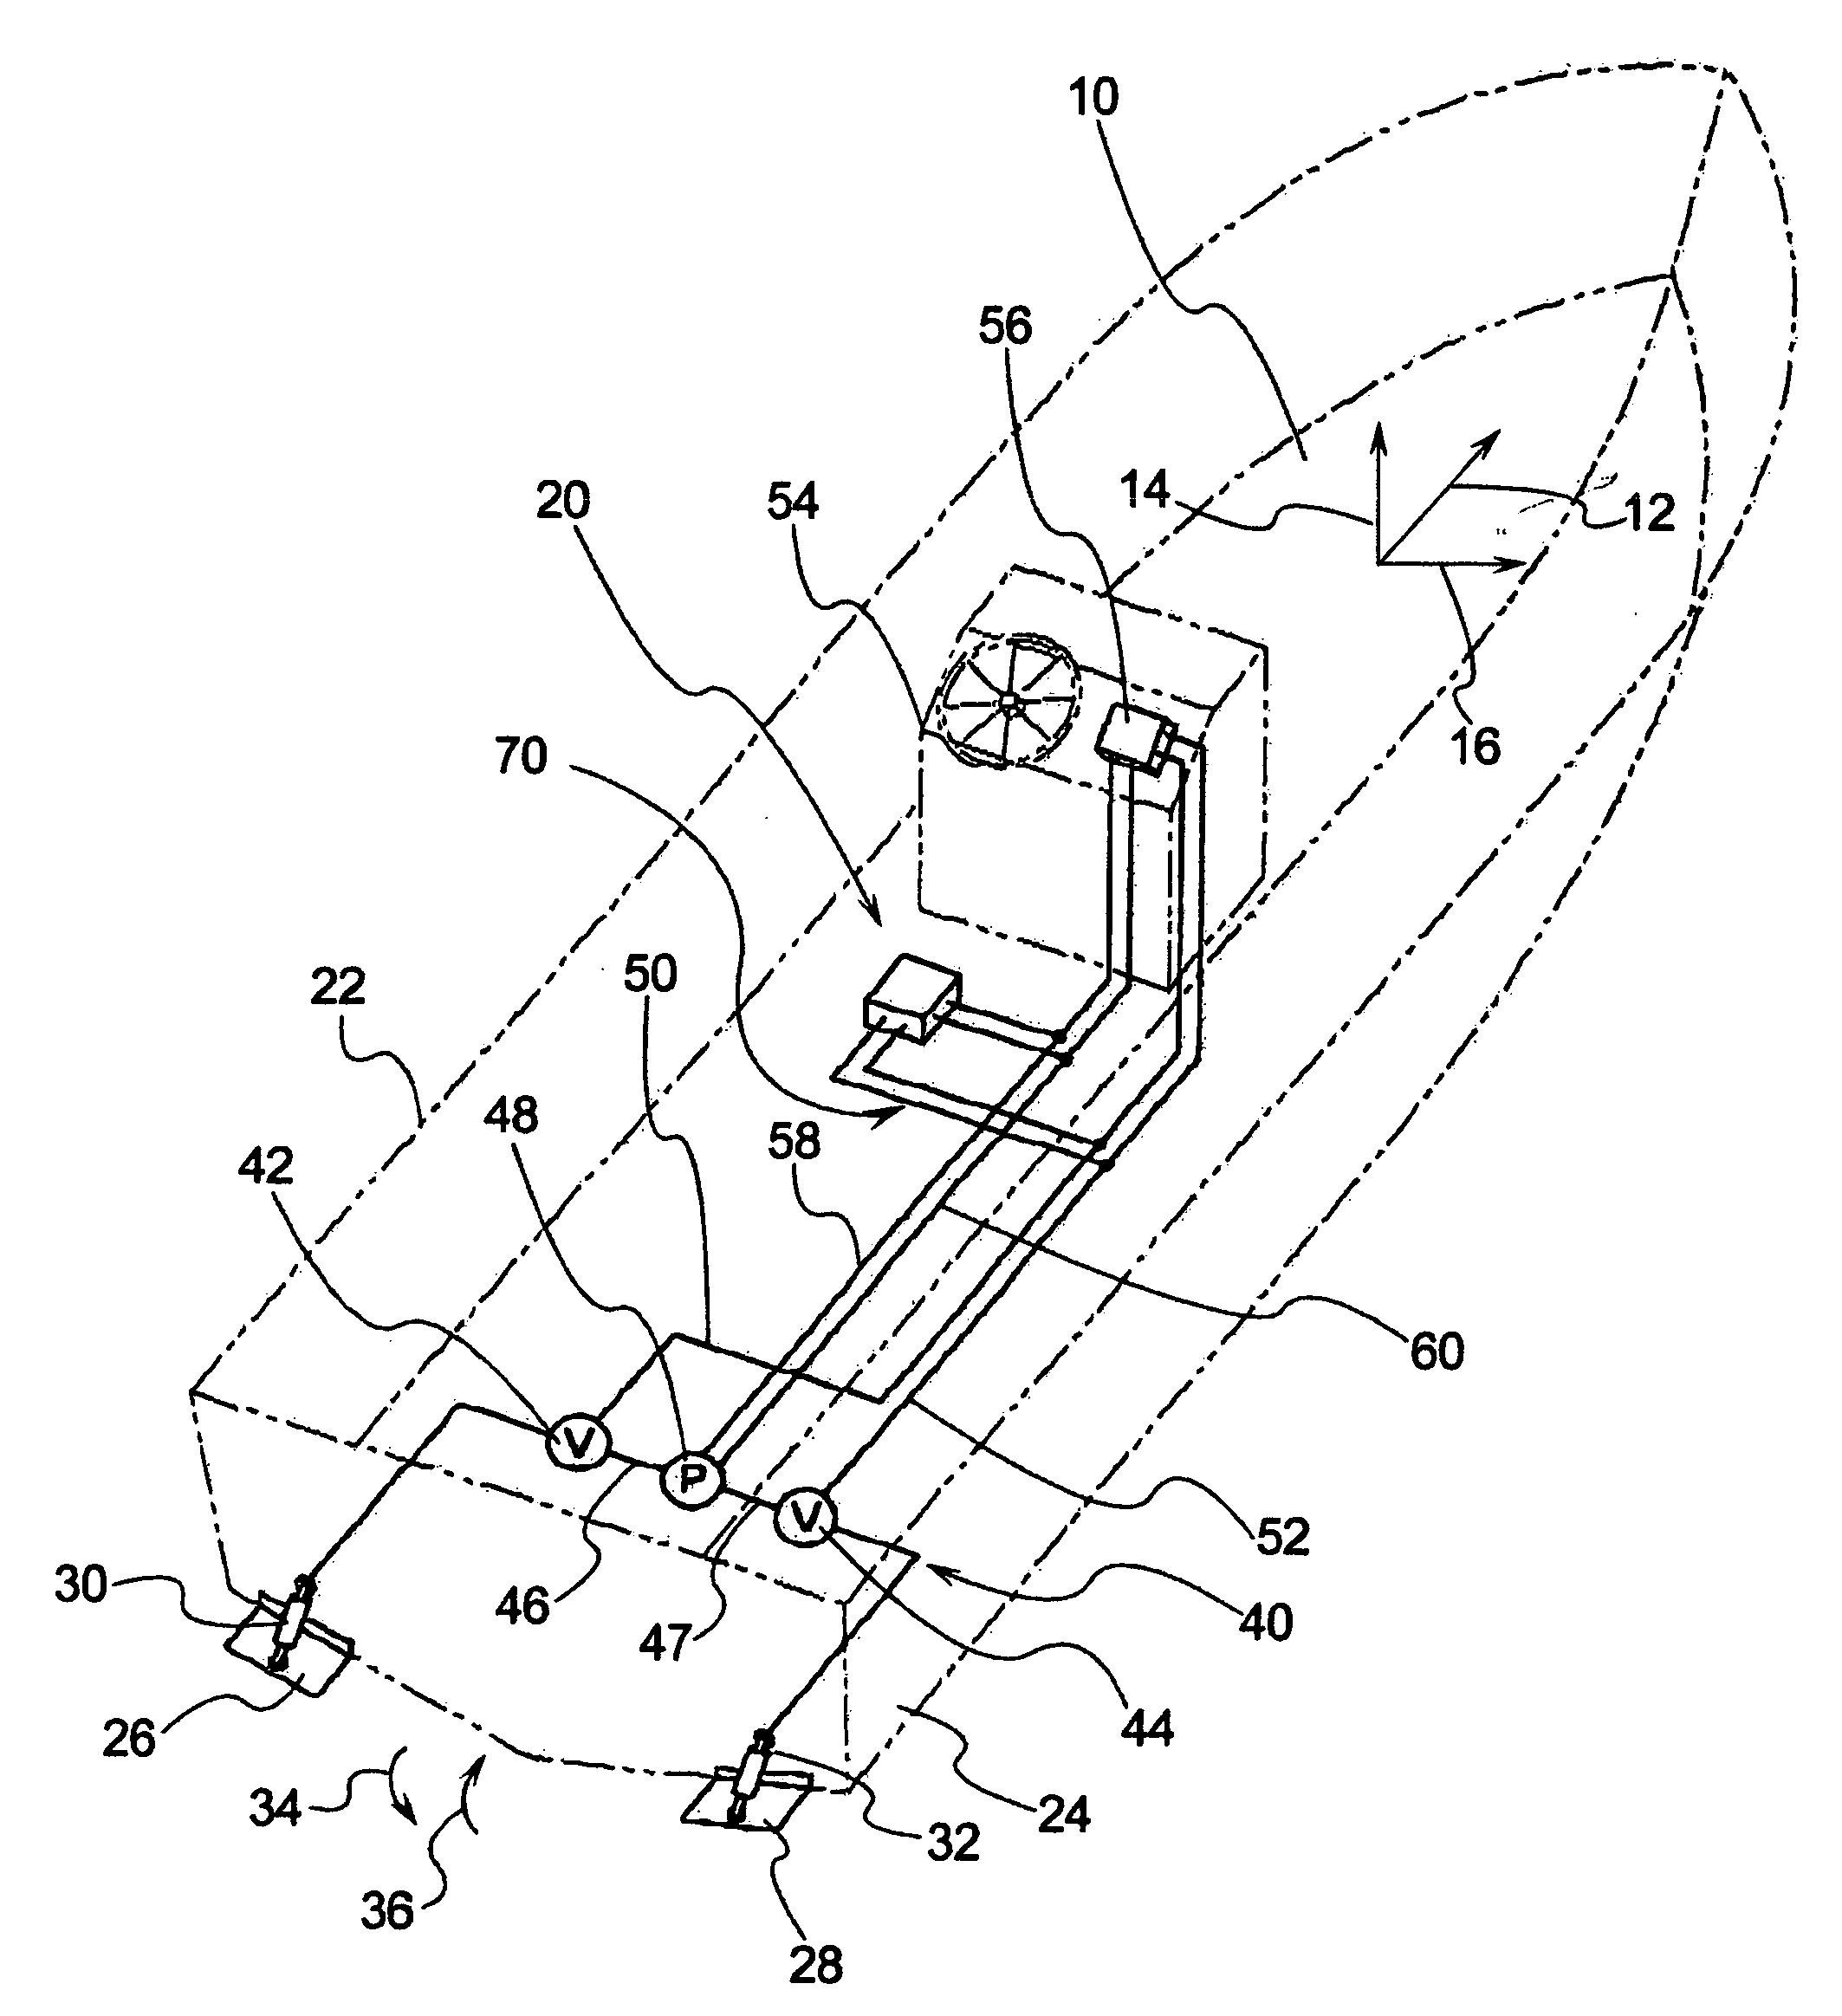 Trim Tab Adjustment On Outboard Motors